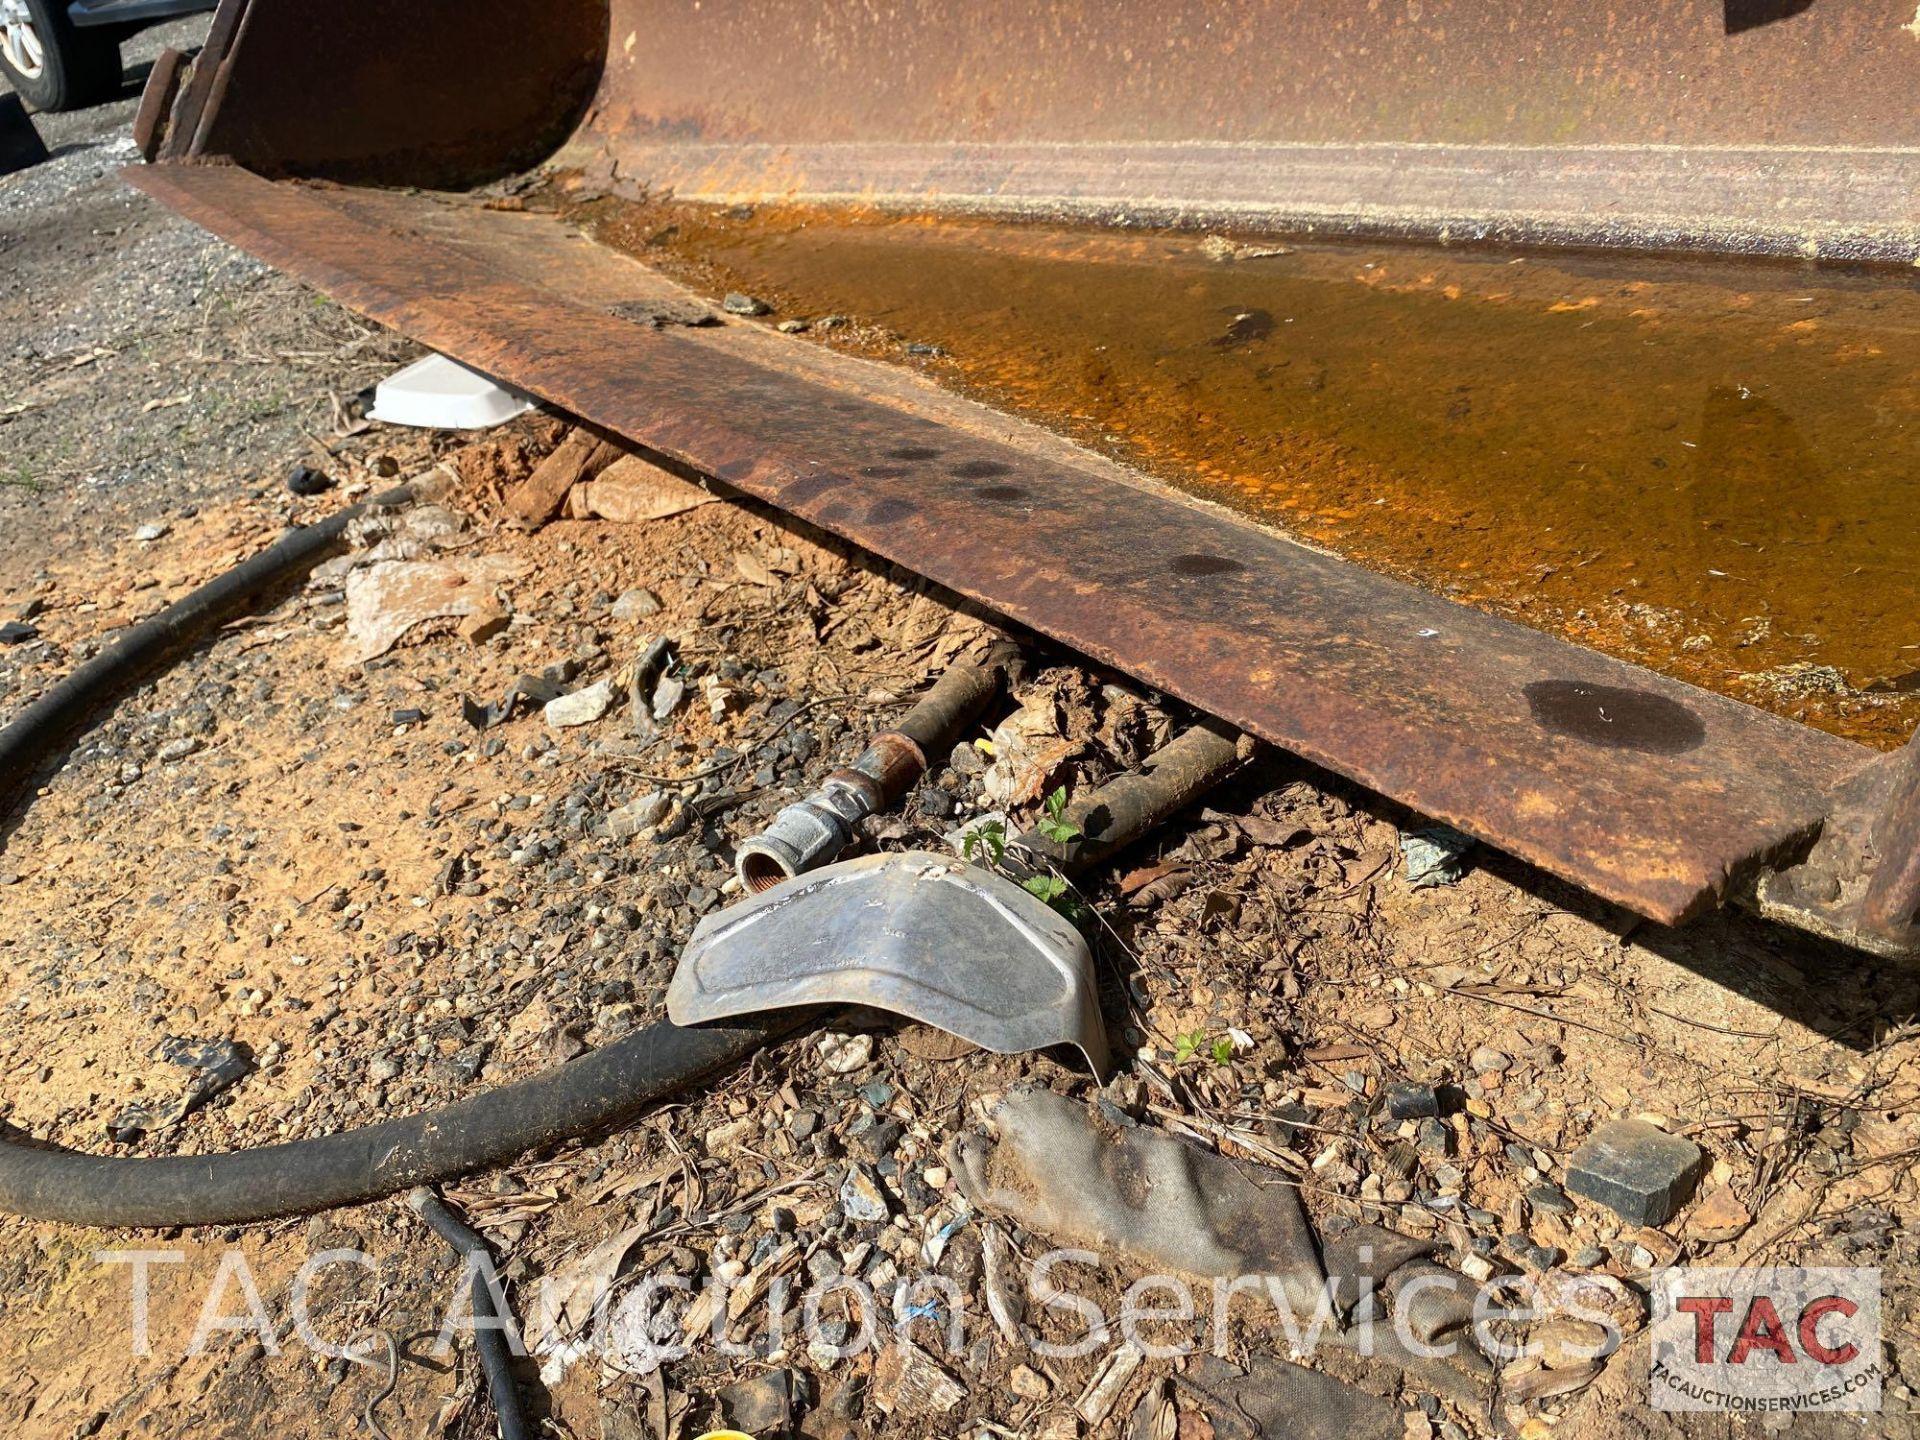 Massey Ferguson 50C Loader Backhoe - Image 13 of 45